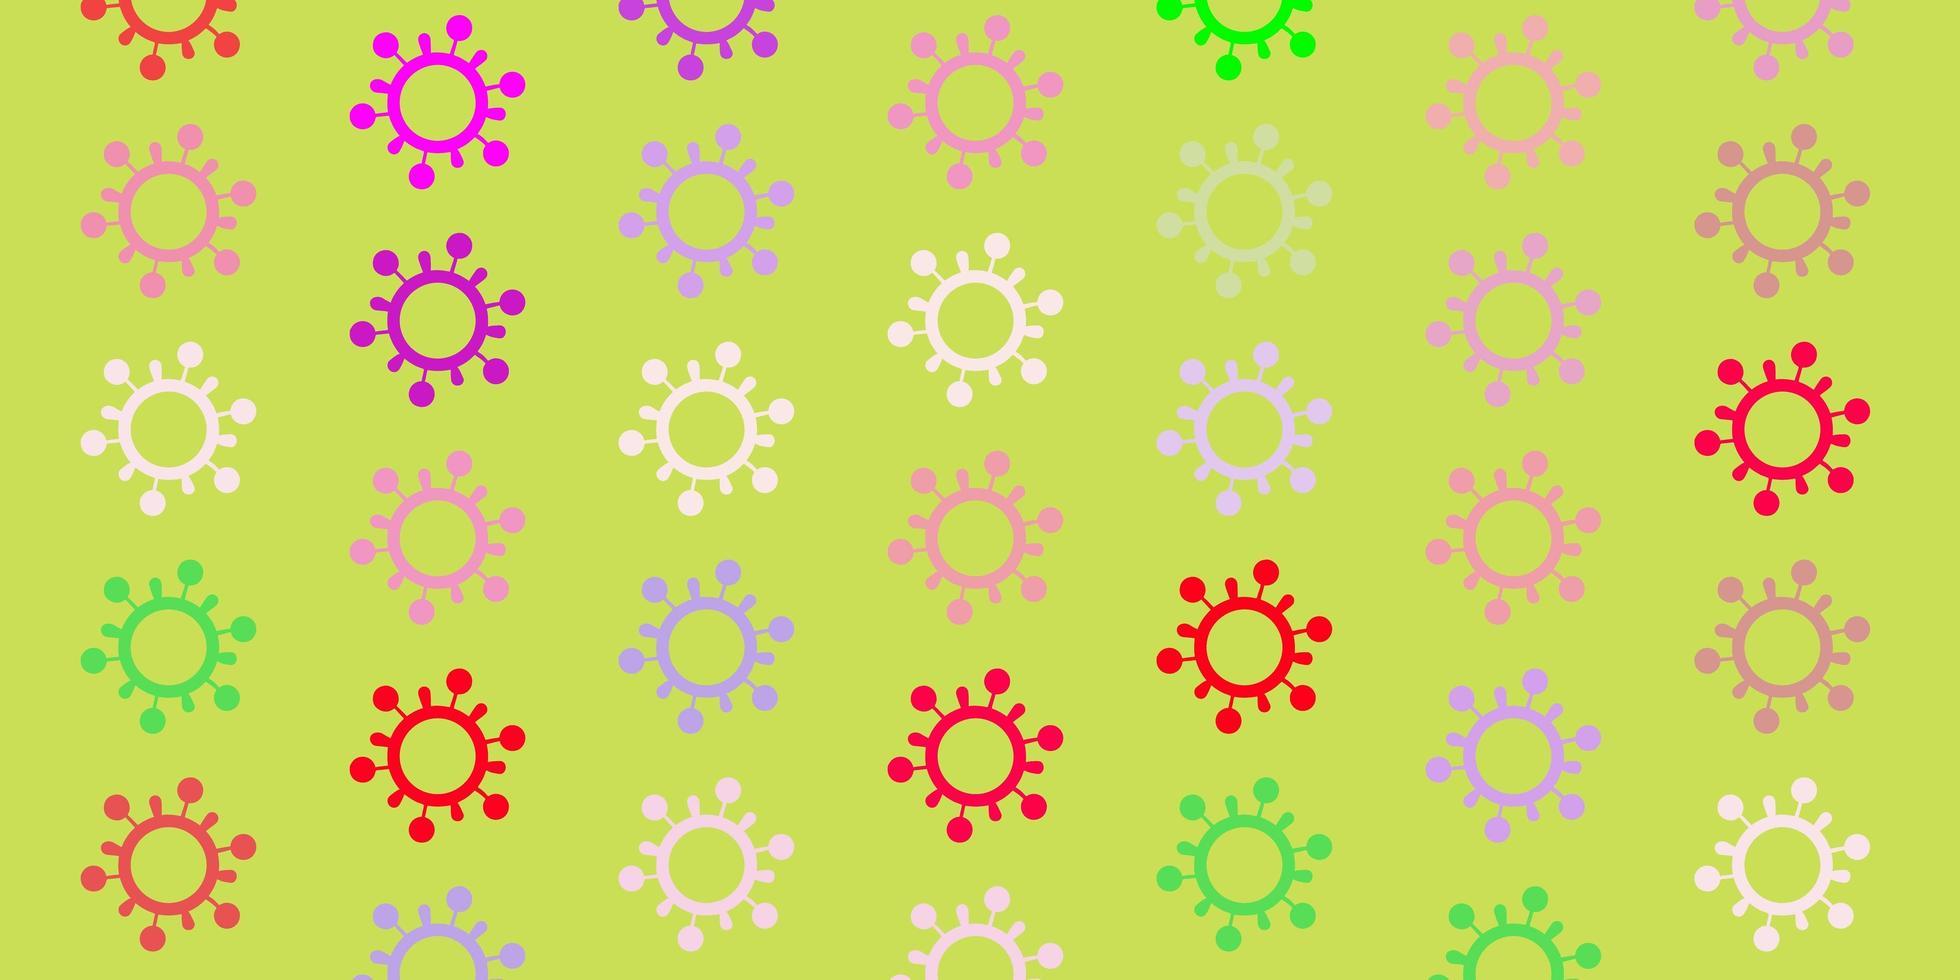 ljusrosa, grönt vektormönster med coronaviruselement. vektor